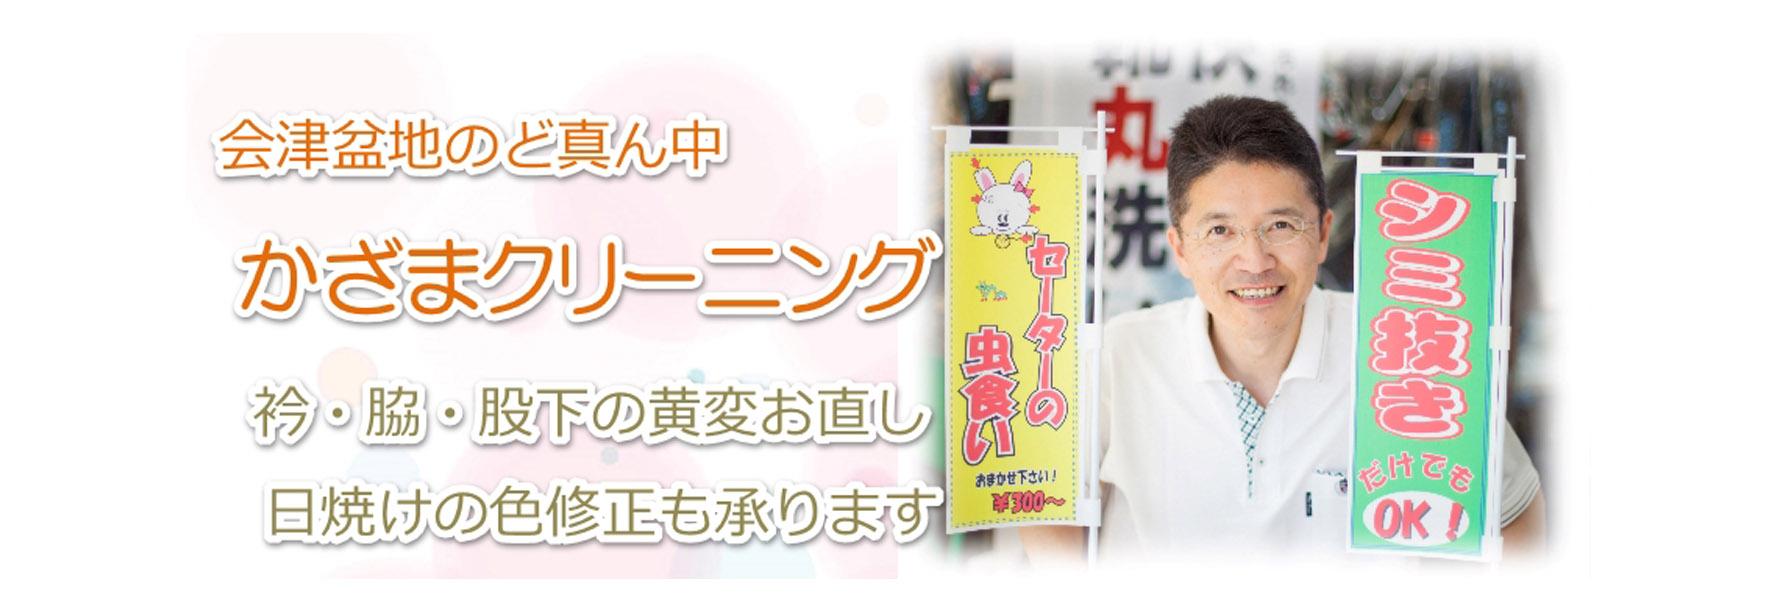 衿・脇・股下の黄変染み抜き 日焼けの色修正もお任せ下さい 福島県会津 かざまクリーニング